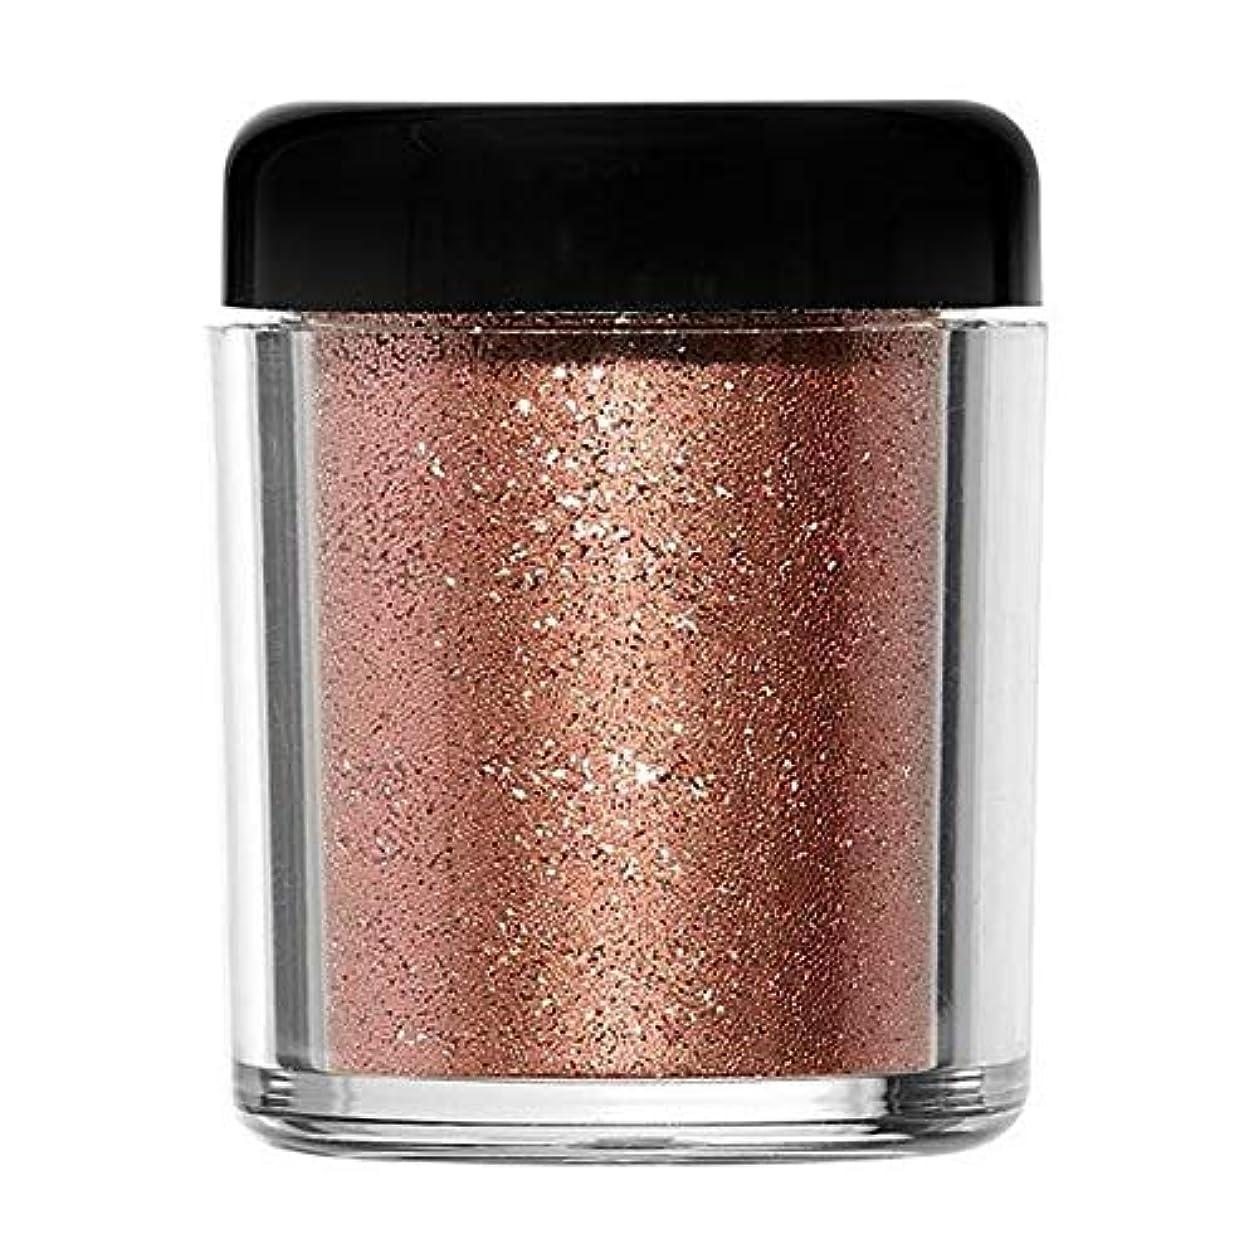 オーストラリア人宇宙子供達[Barry M ] バリーメートルのグリッターラッシュボディの輝き - ローズクォーツ - Barry M Glitter Rush Body Glitter - Rose Quartz [並行輸入品]